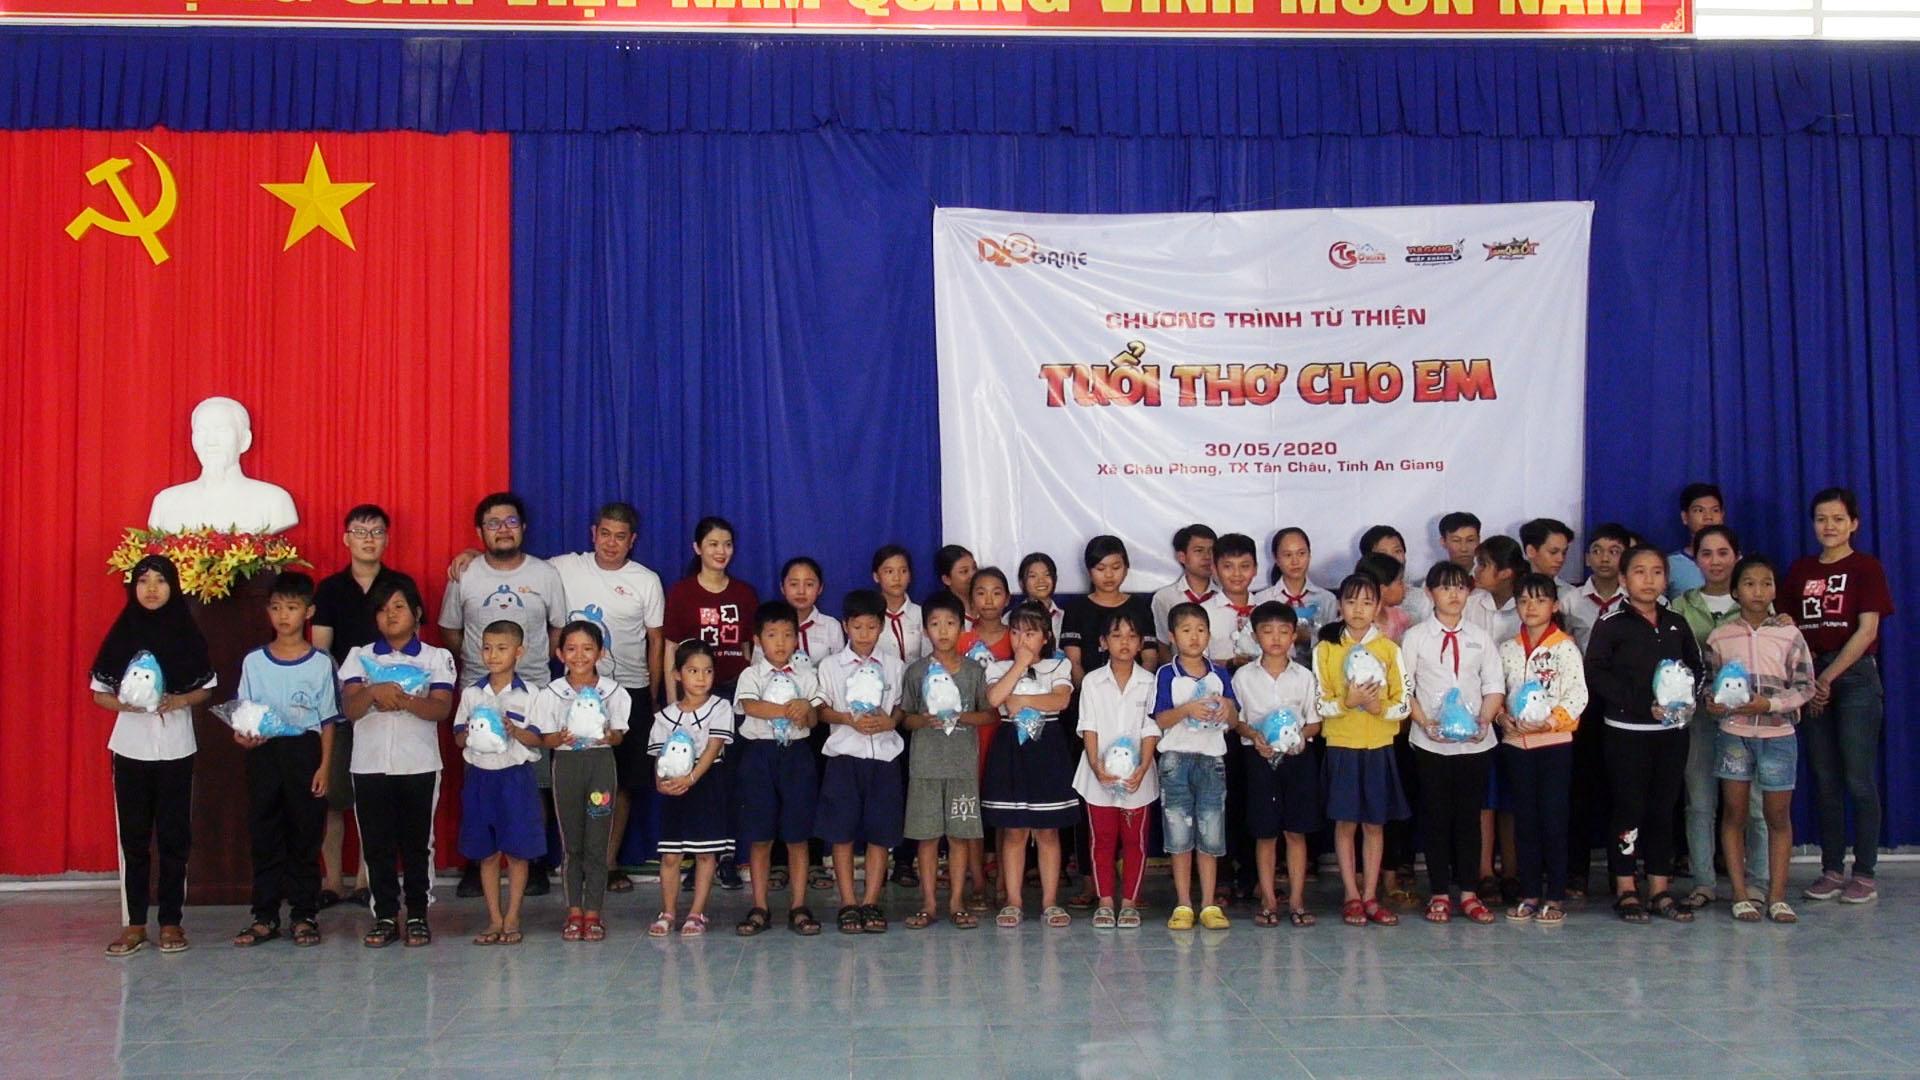 Quốc tế Thiếu Nhi 1/6, NPH Dzogame tổ chức chương trình